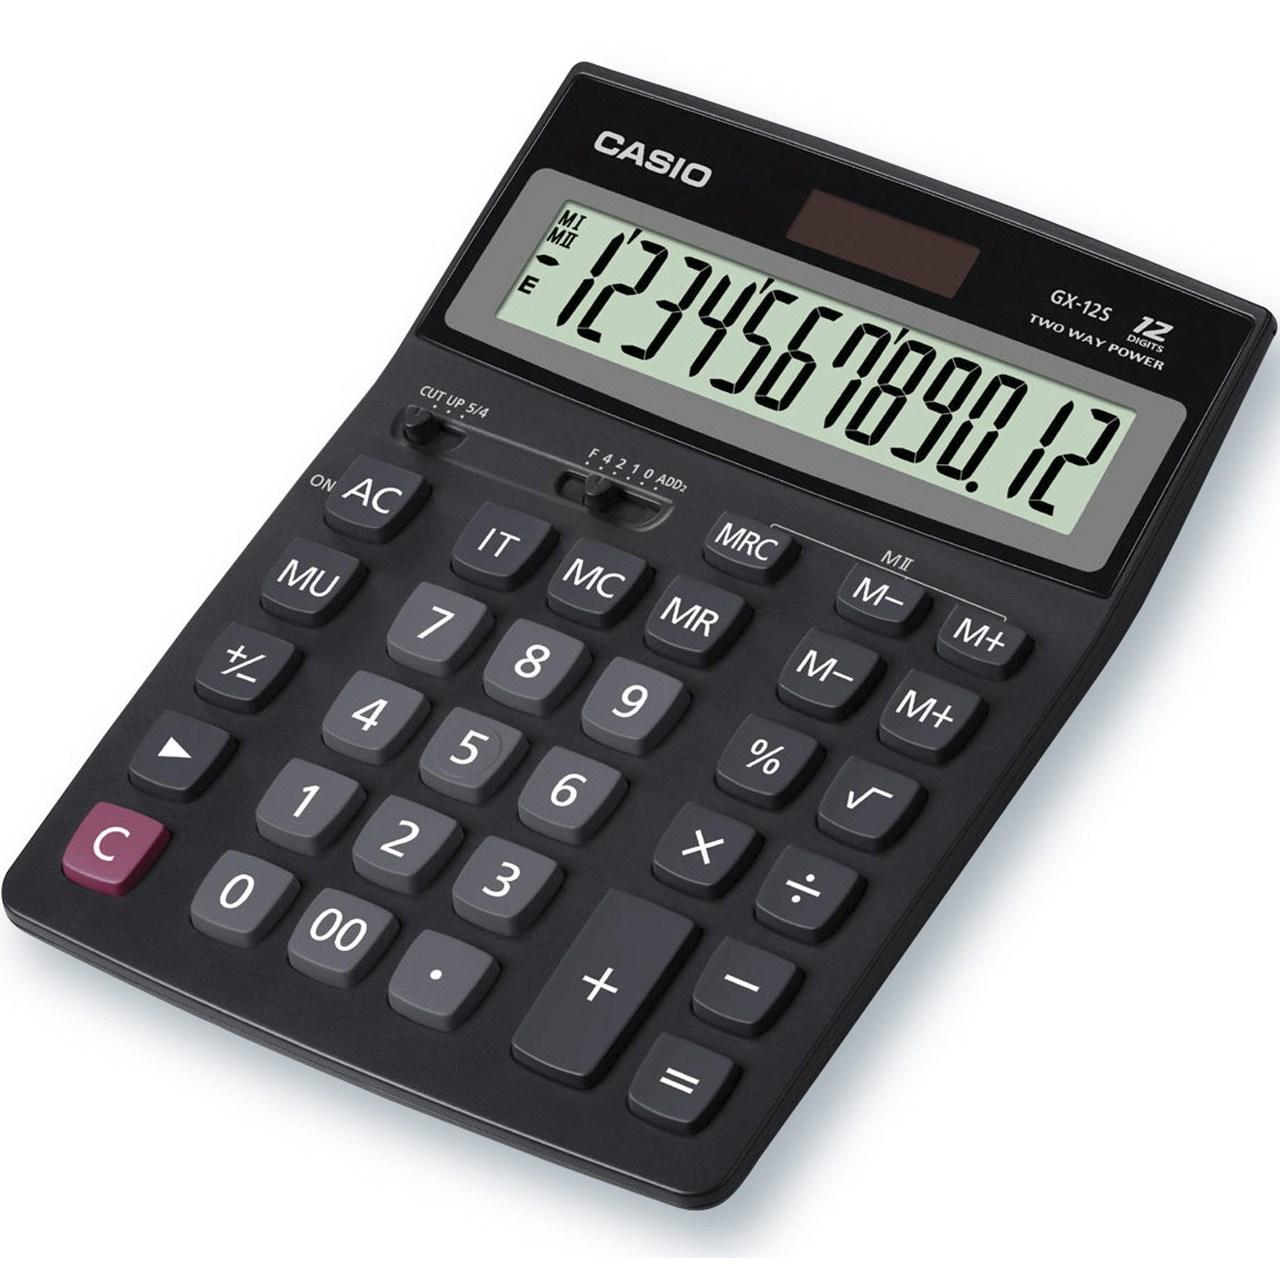 قیمت                      ماشین حساب کاسیو مدل  GX-12S